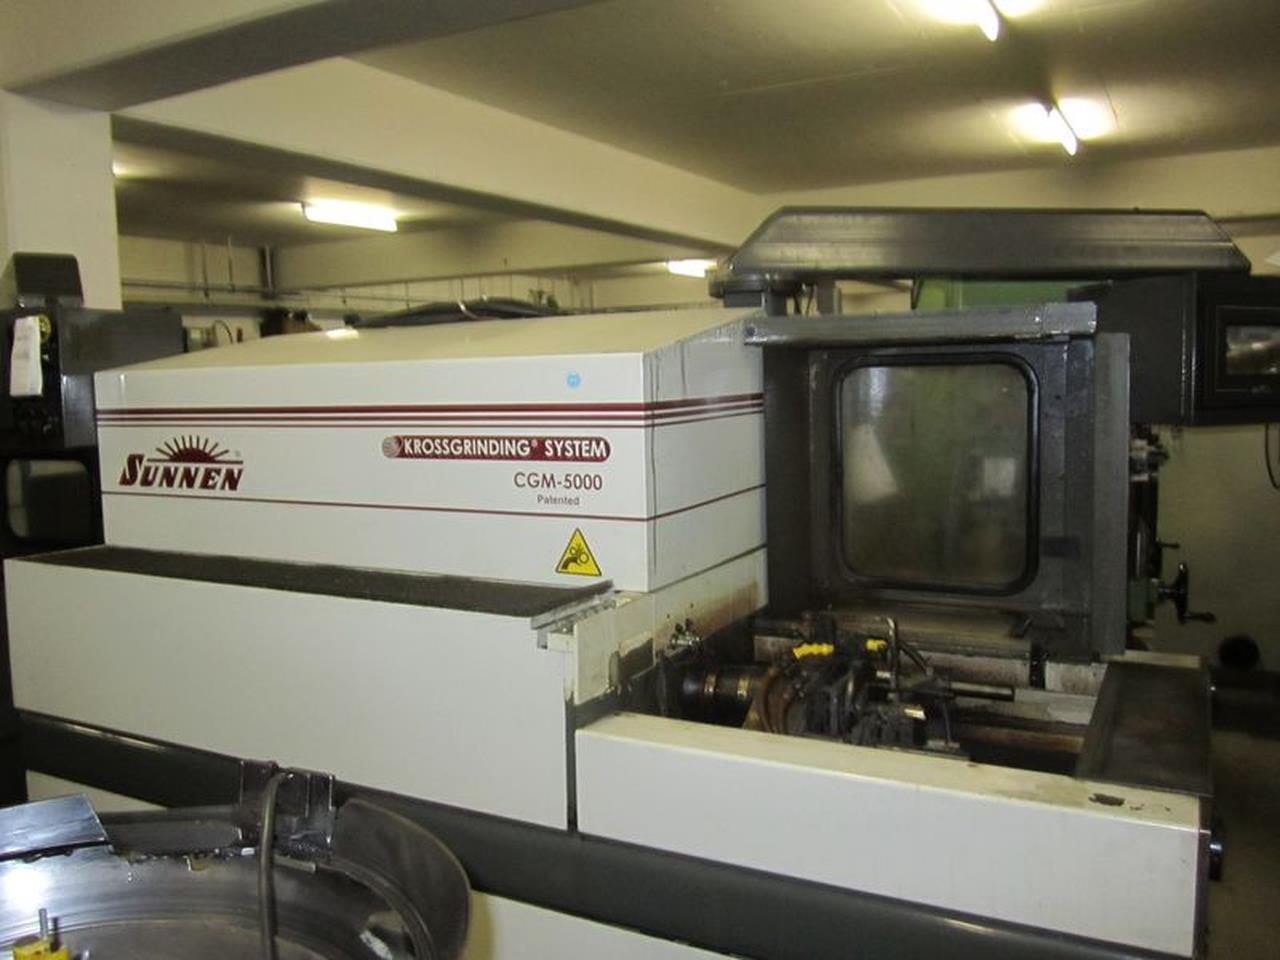 SUNNEN CGM 5000 CG二手珩磨机进口台州关税